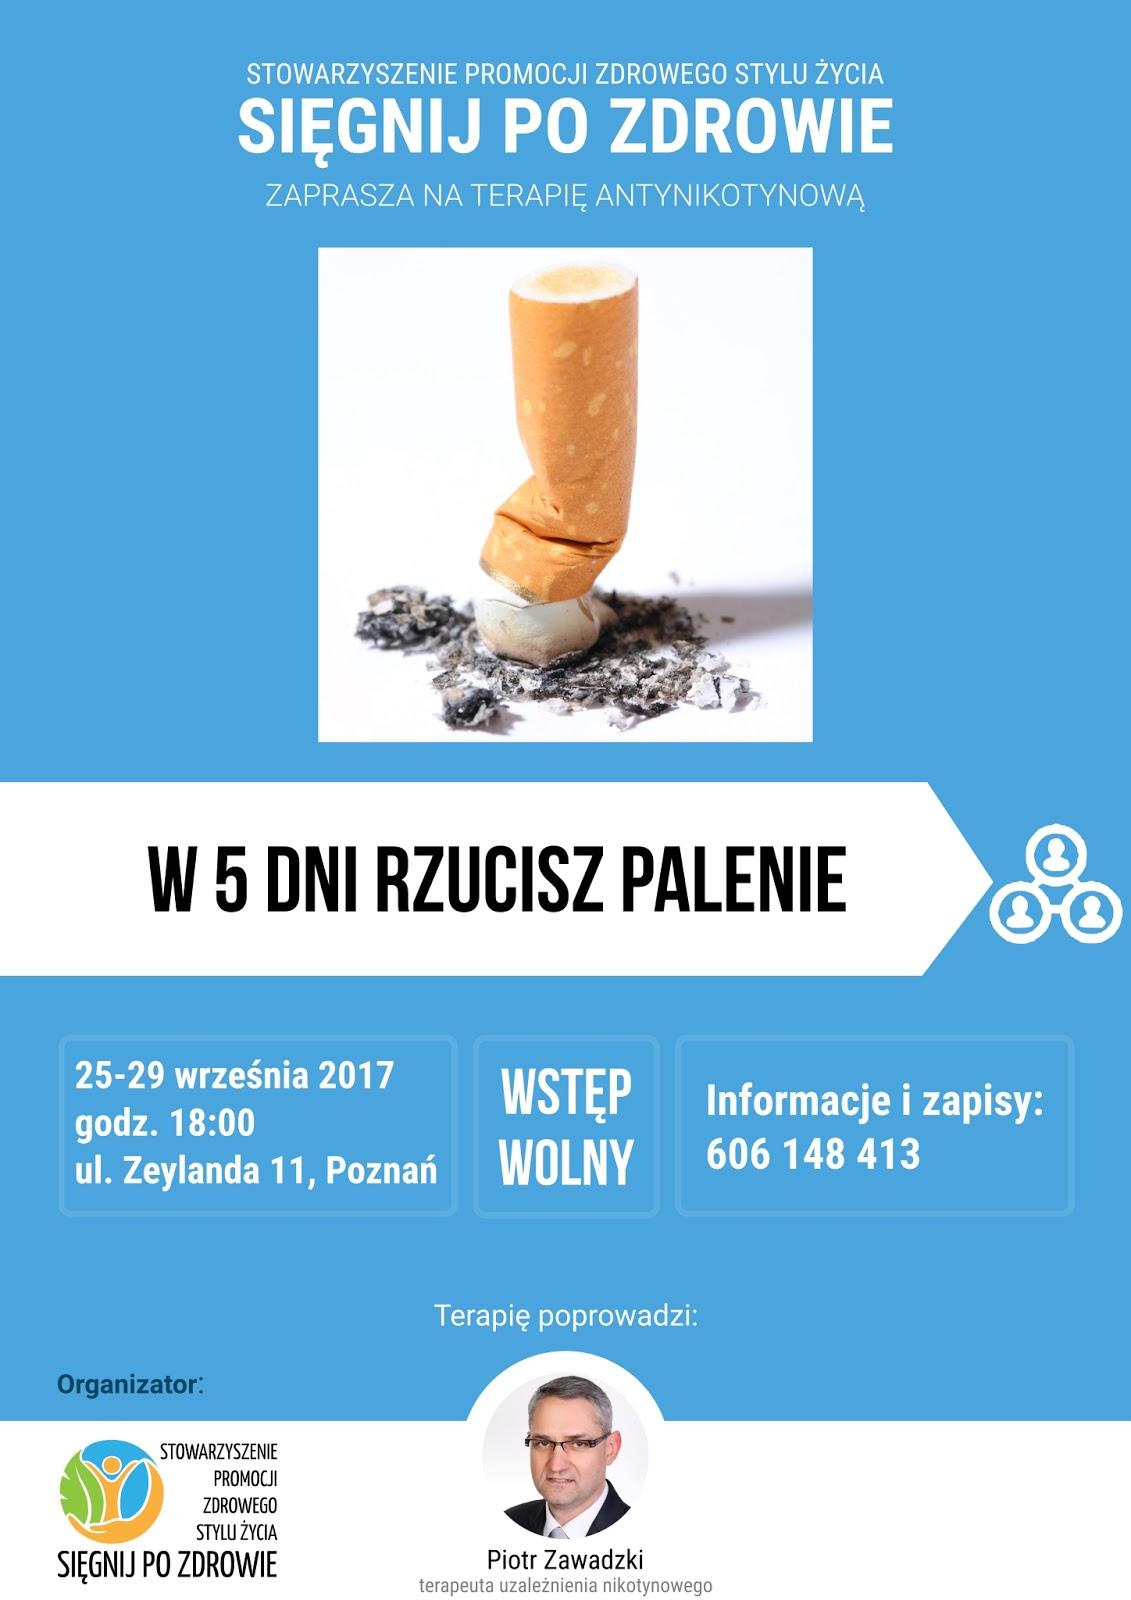 Terapia dla palaczy